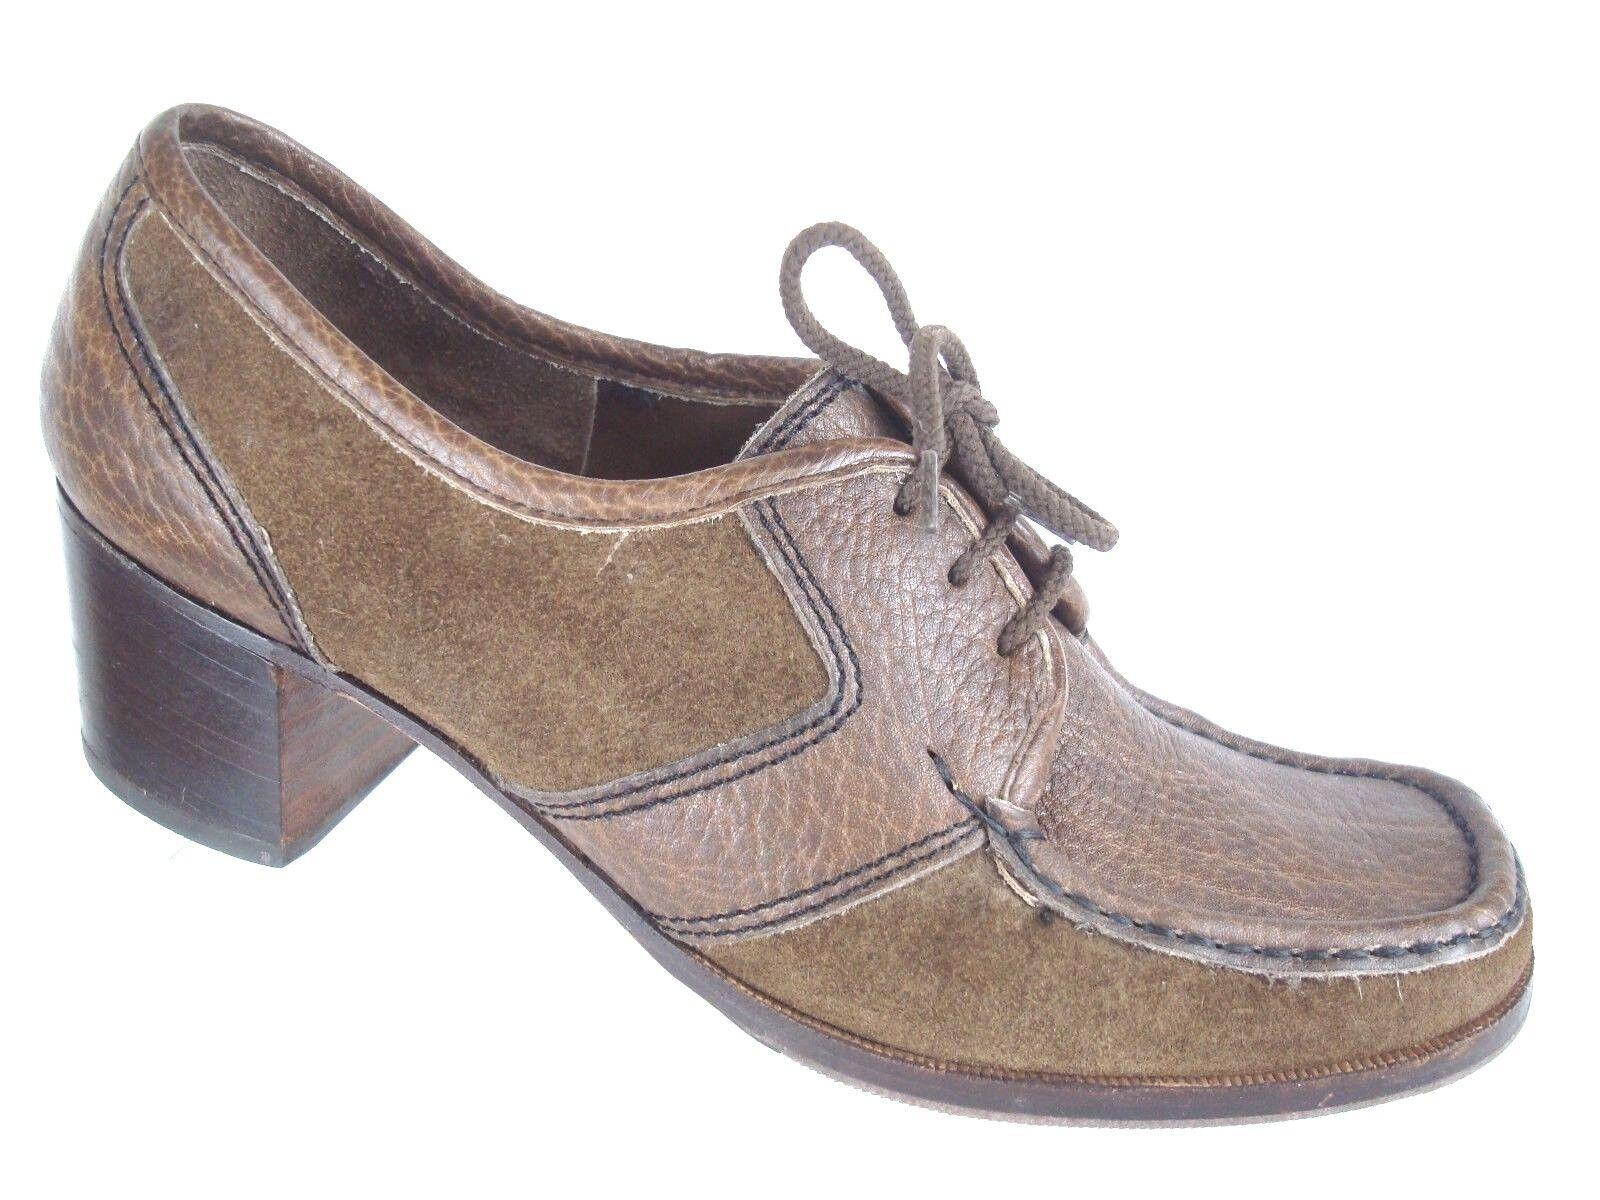 d44ead2384 SIOUX Germany marrone marrone Germany Pelle chunky Oxford heel ...